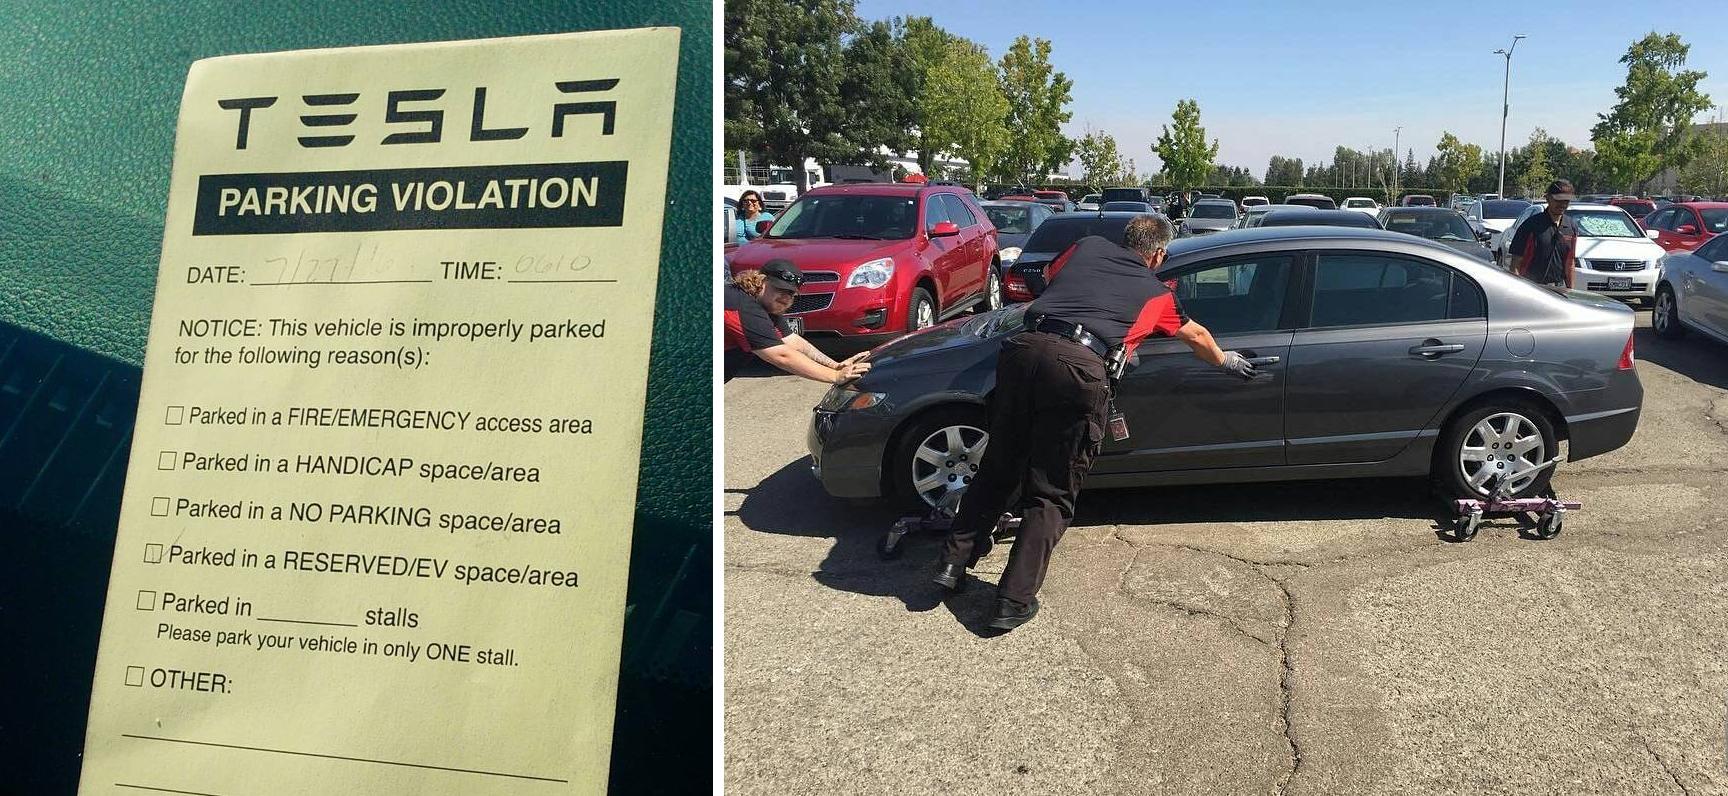 tesla fremont parking problem